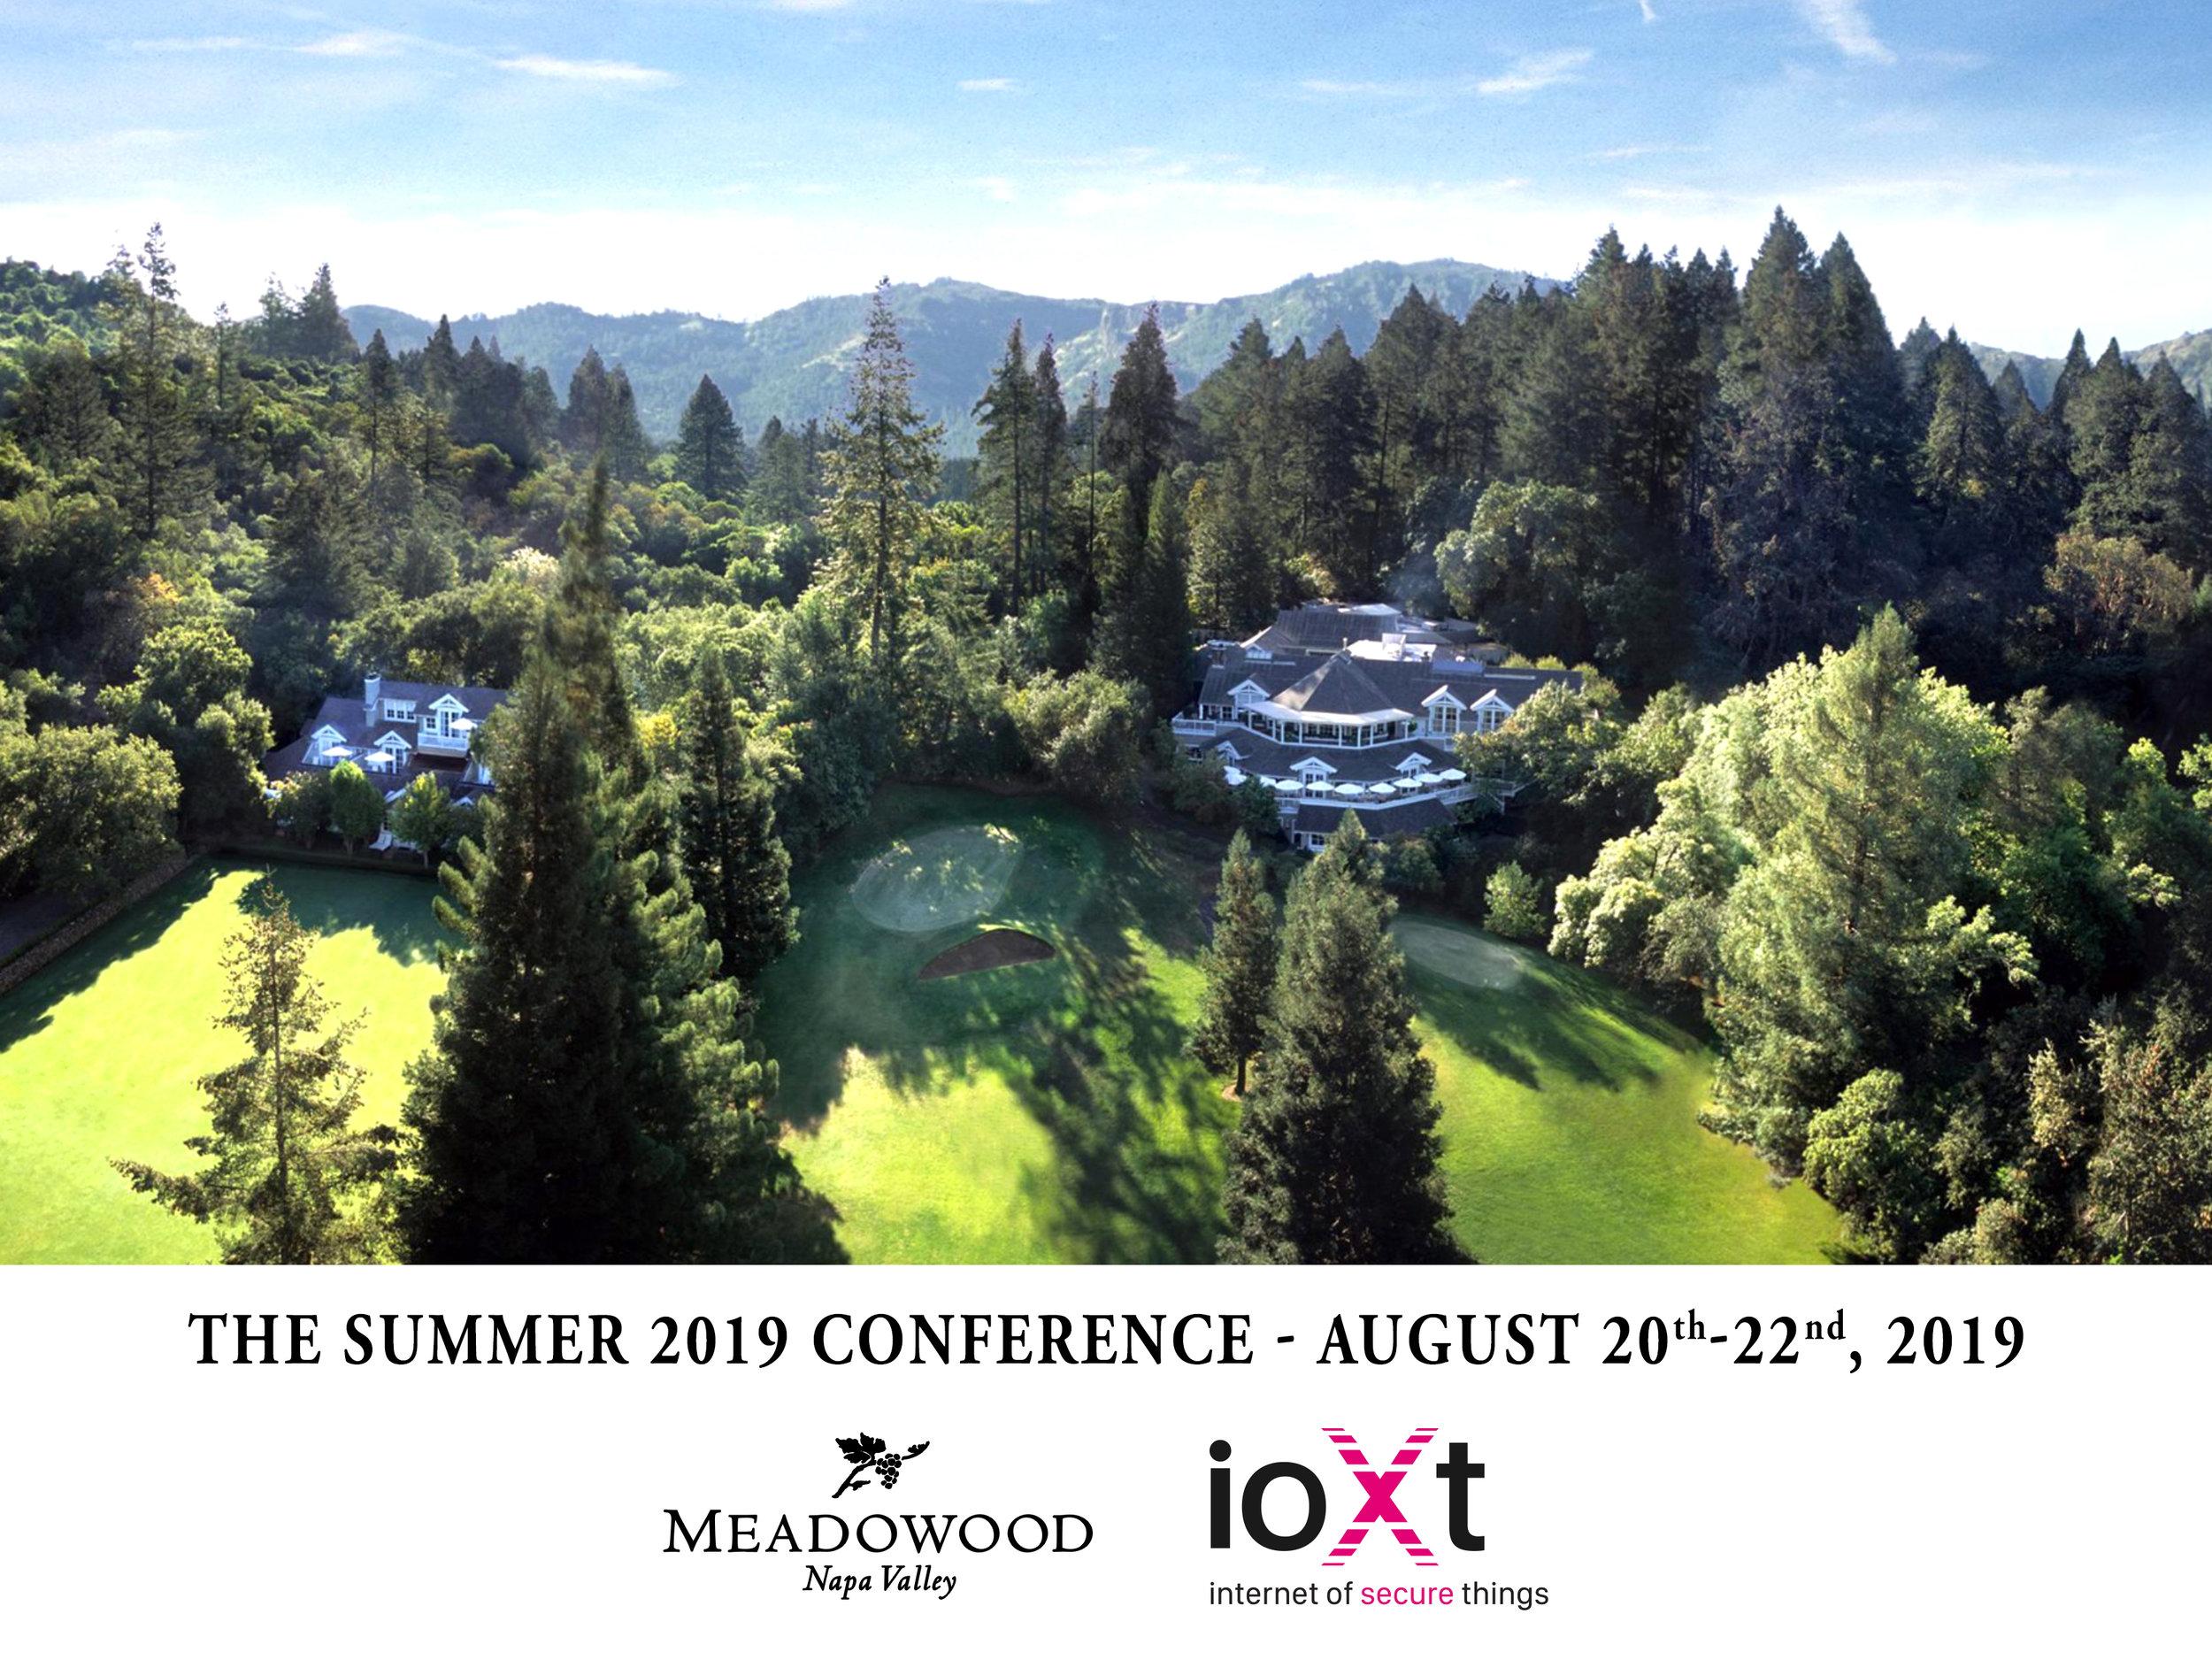 Meadowood_event-2.jpg